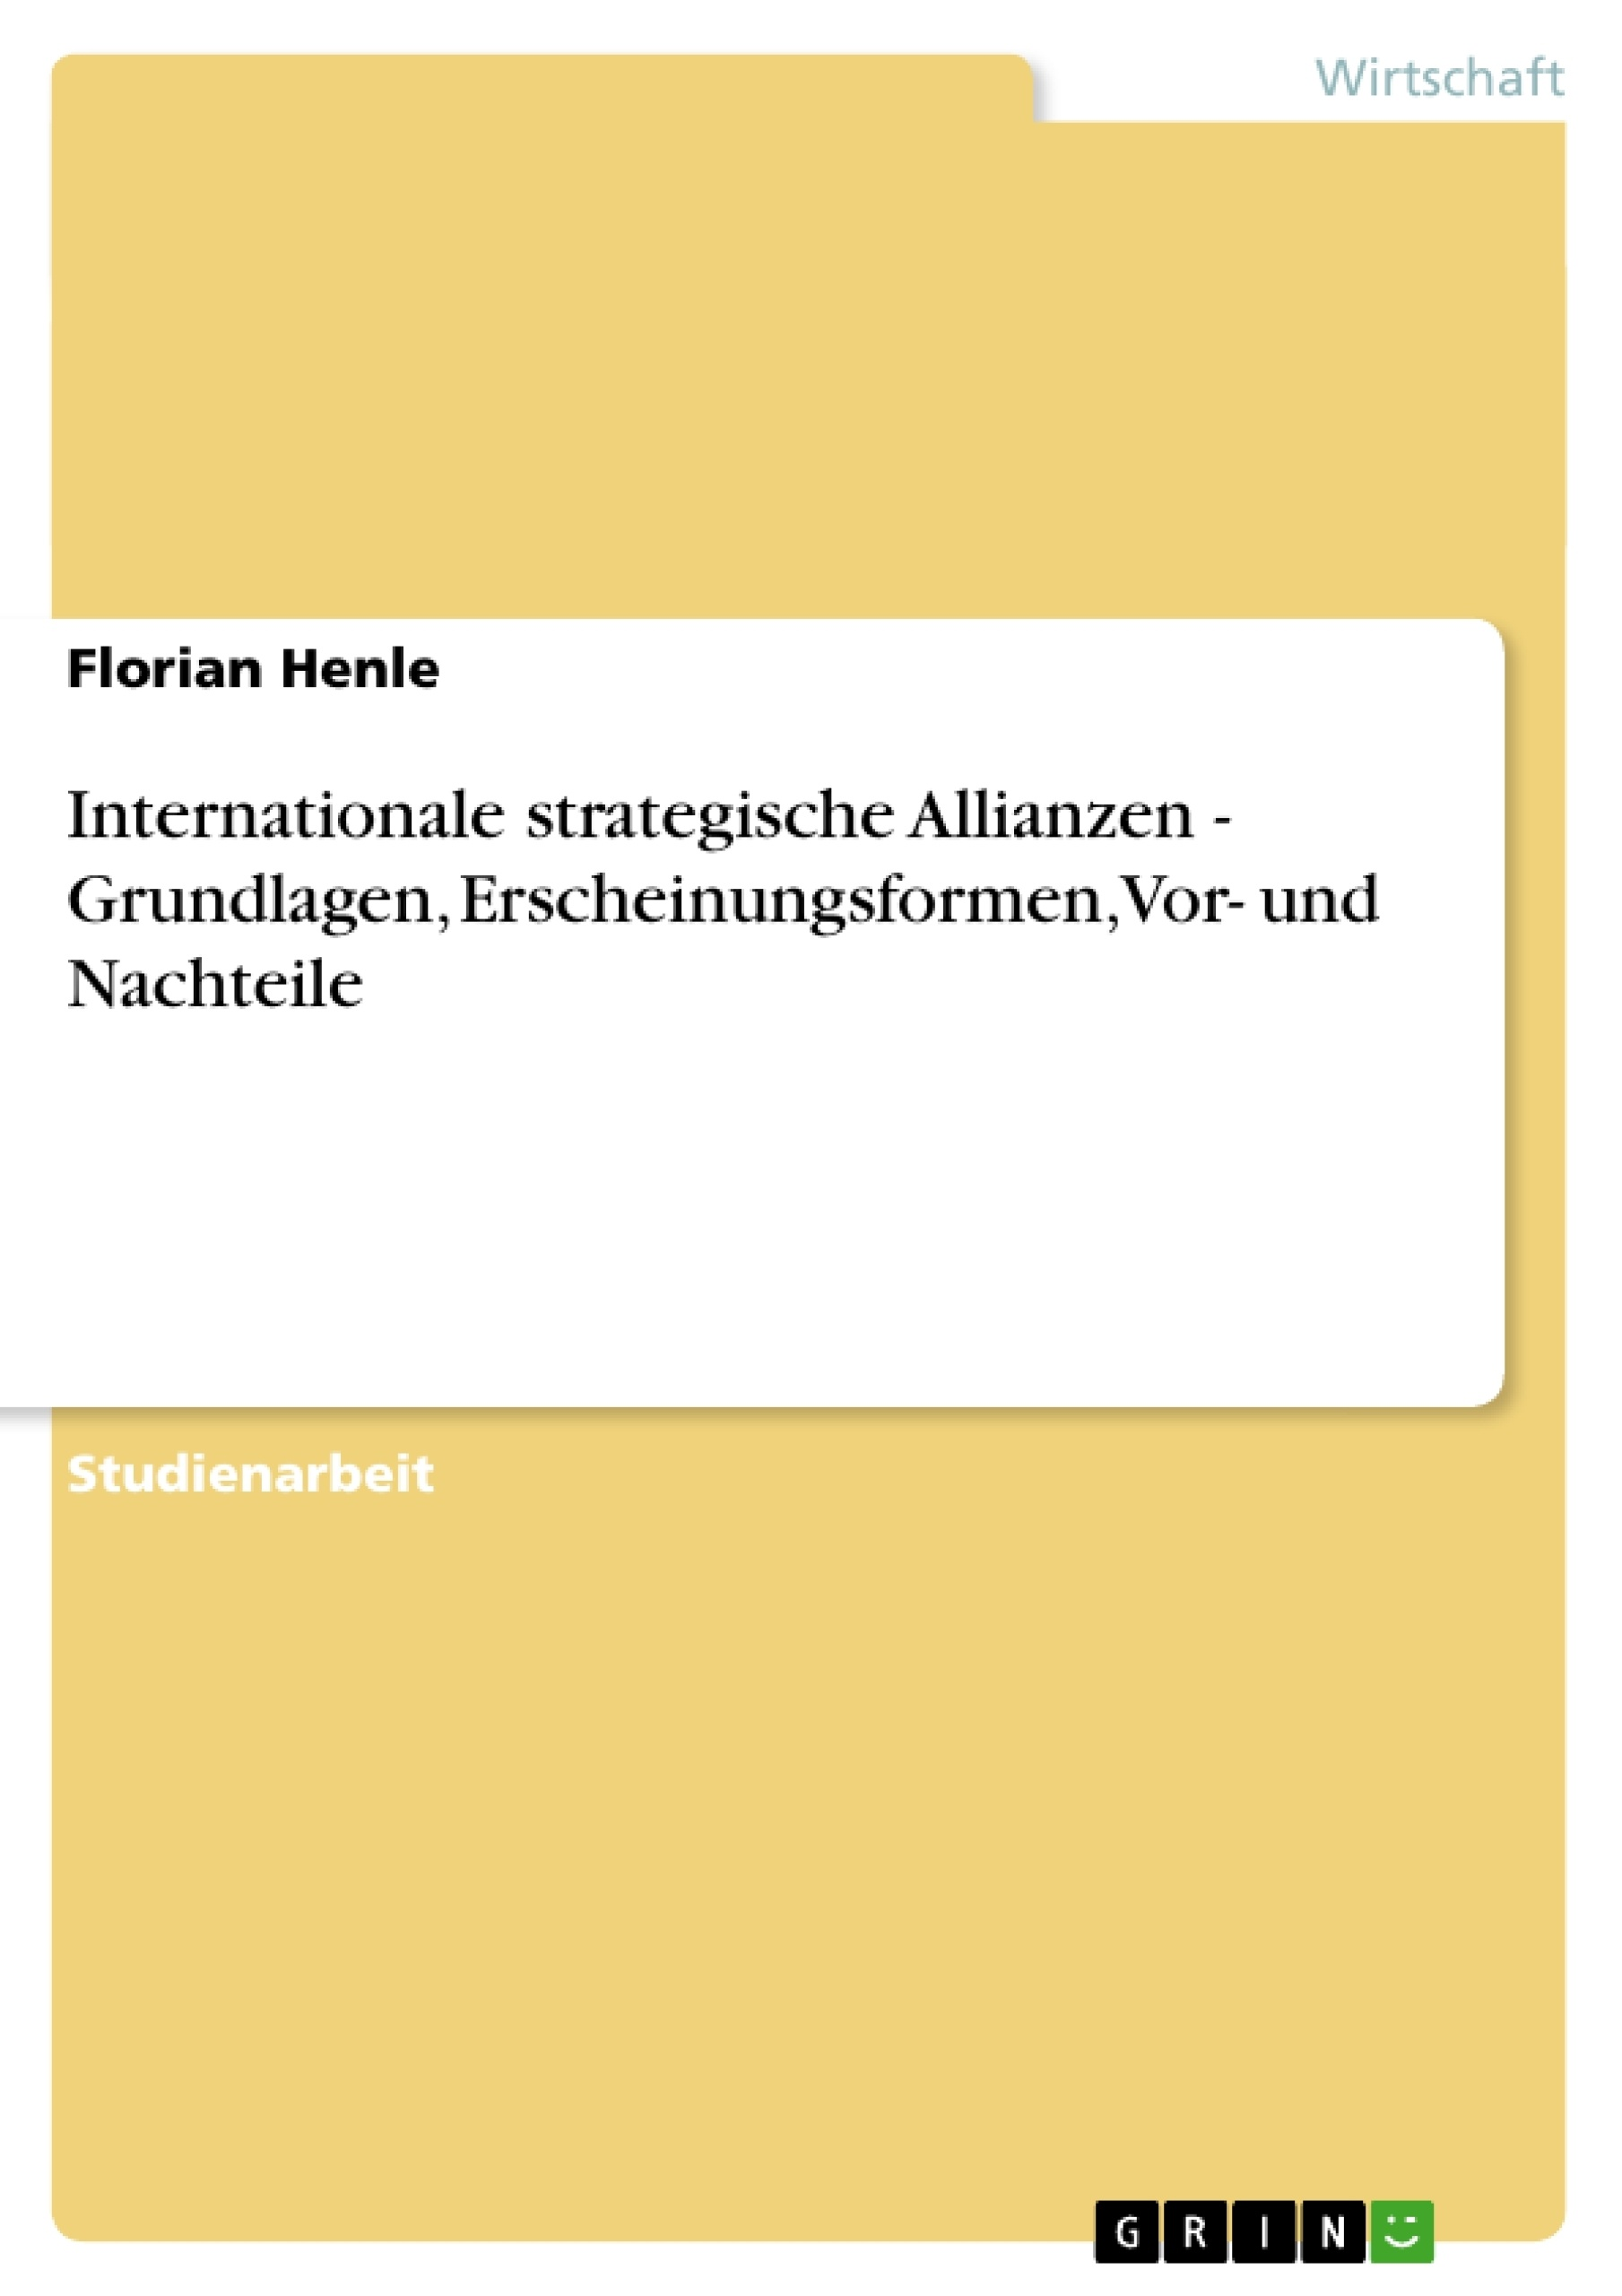 Titel: Internationale strategische Allianzen - Grundlagen, Erscheinungsformen, Vor- und Nachteile